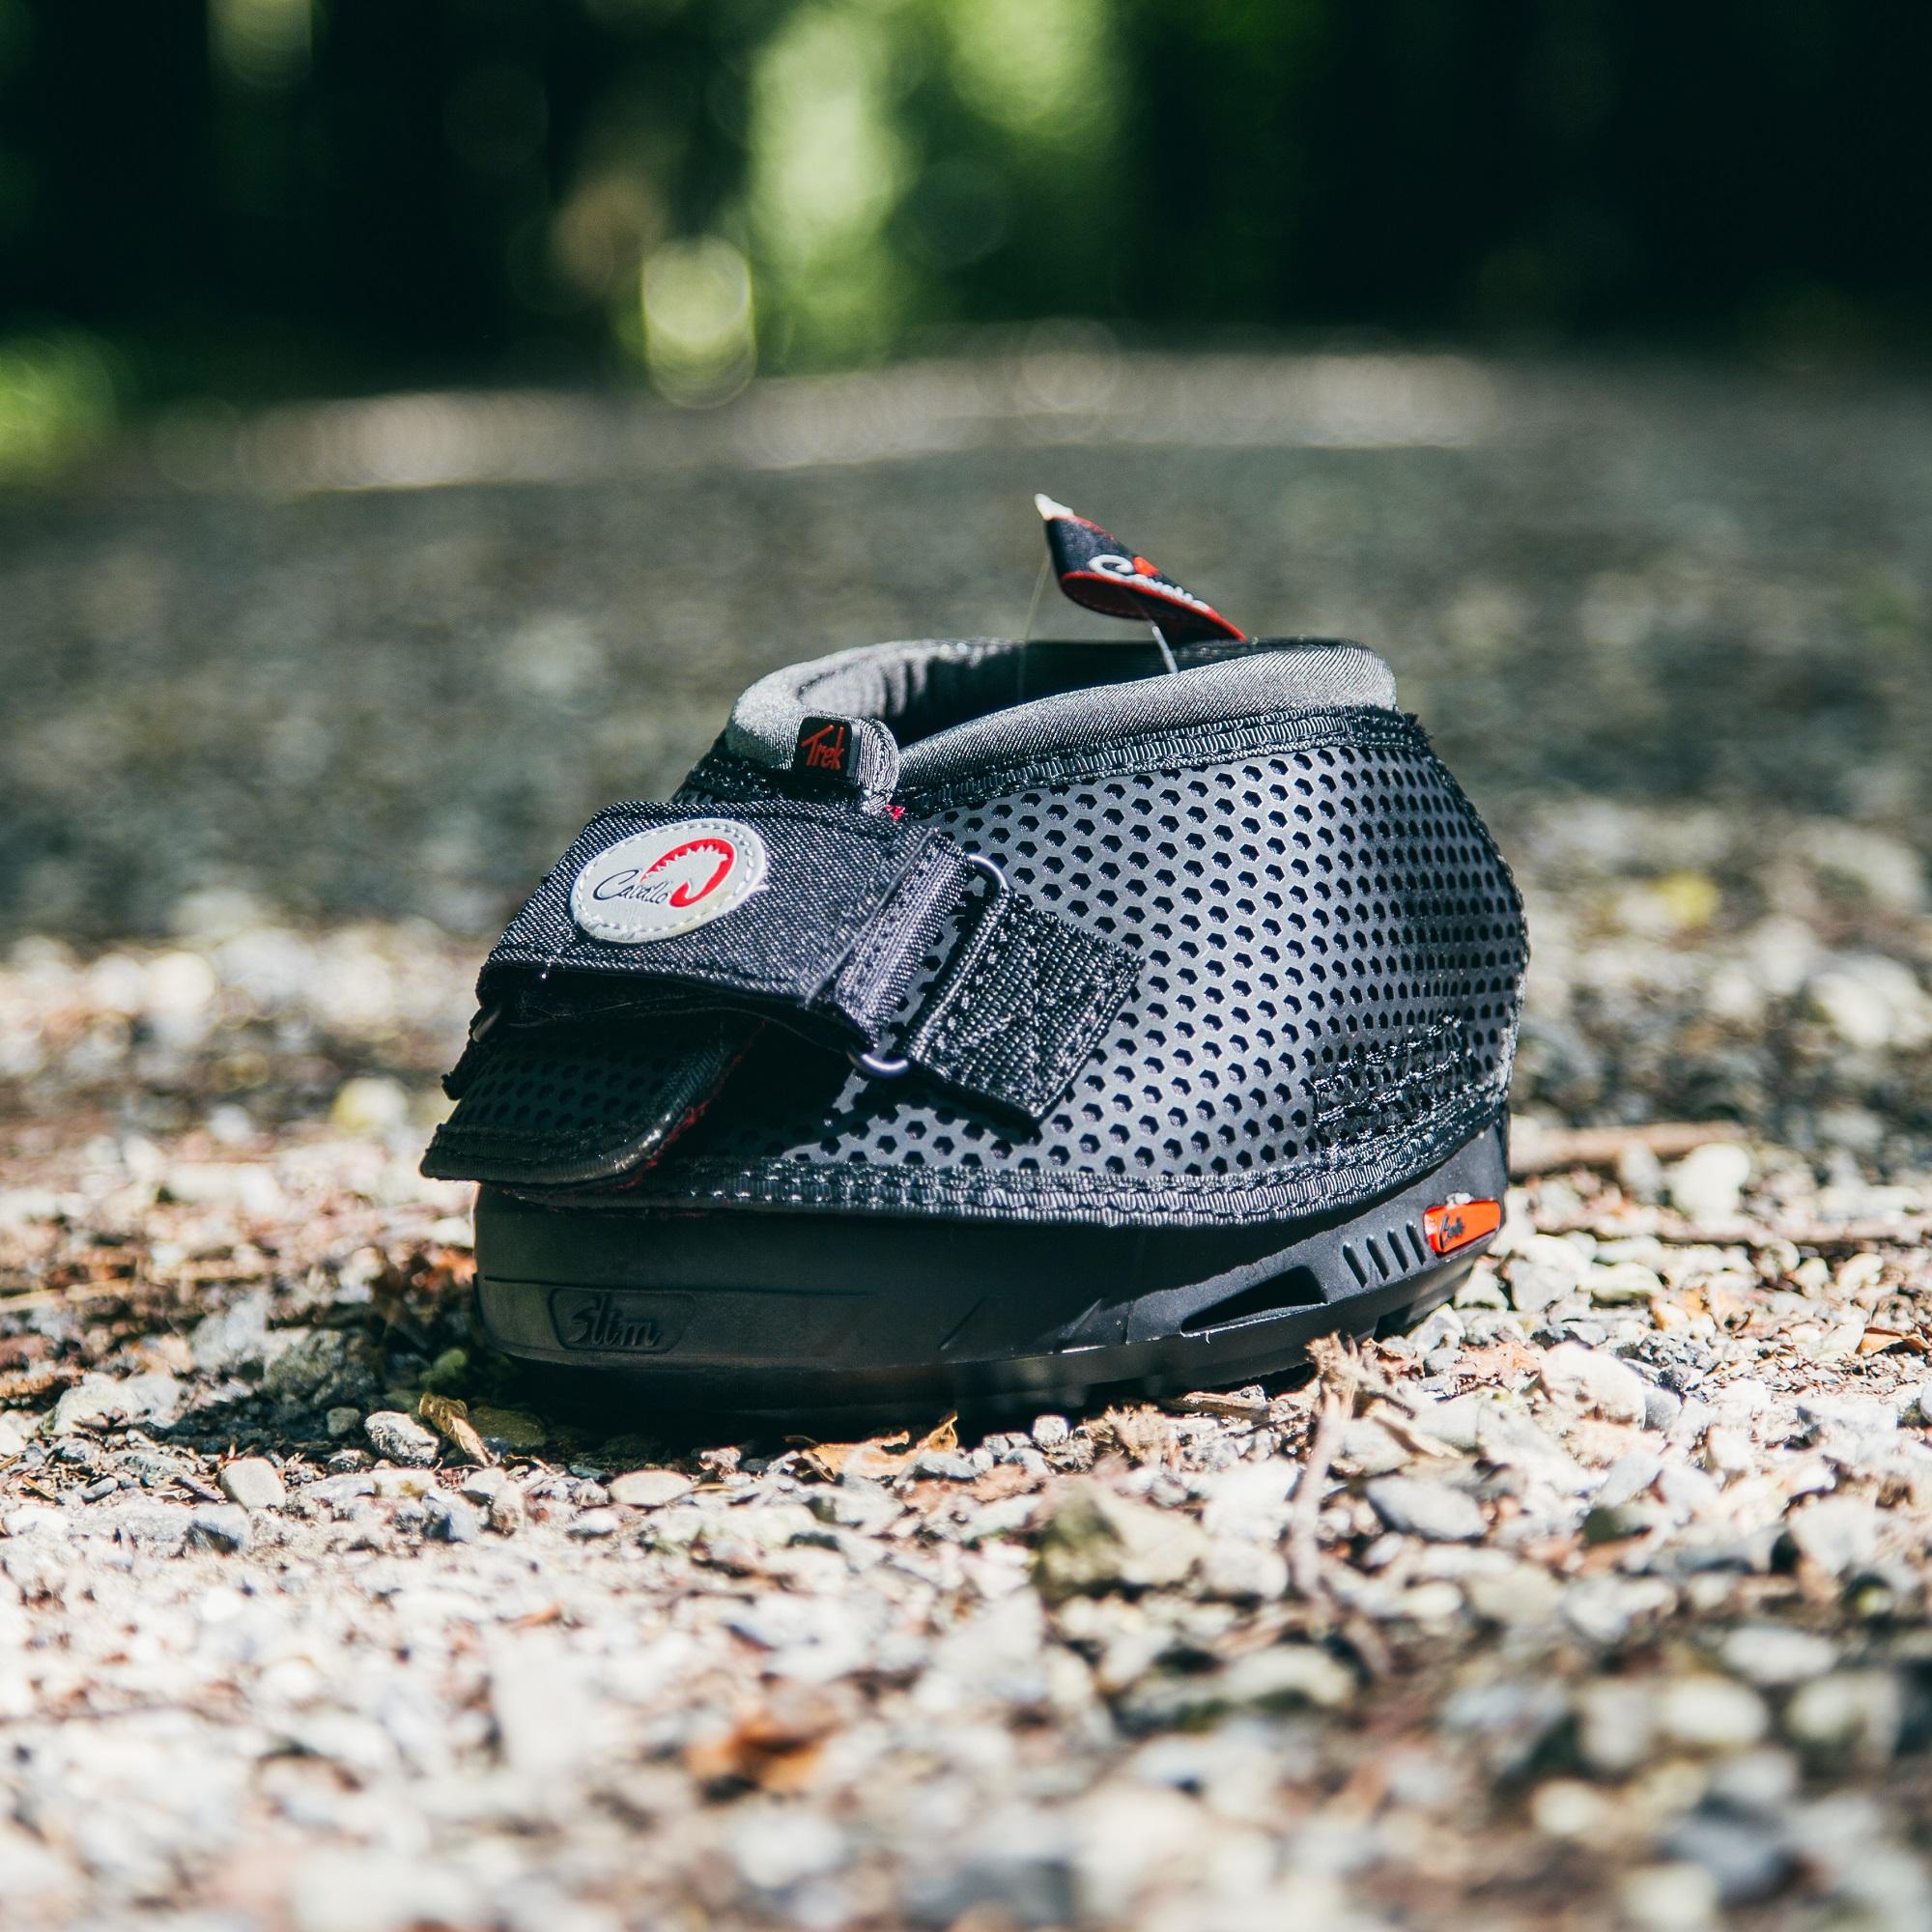 Cavallo Trek Slim - bits n boots - Hufschuhe und Trensen 219c5c8ae3